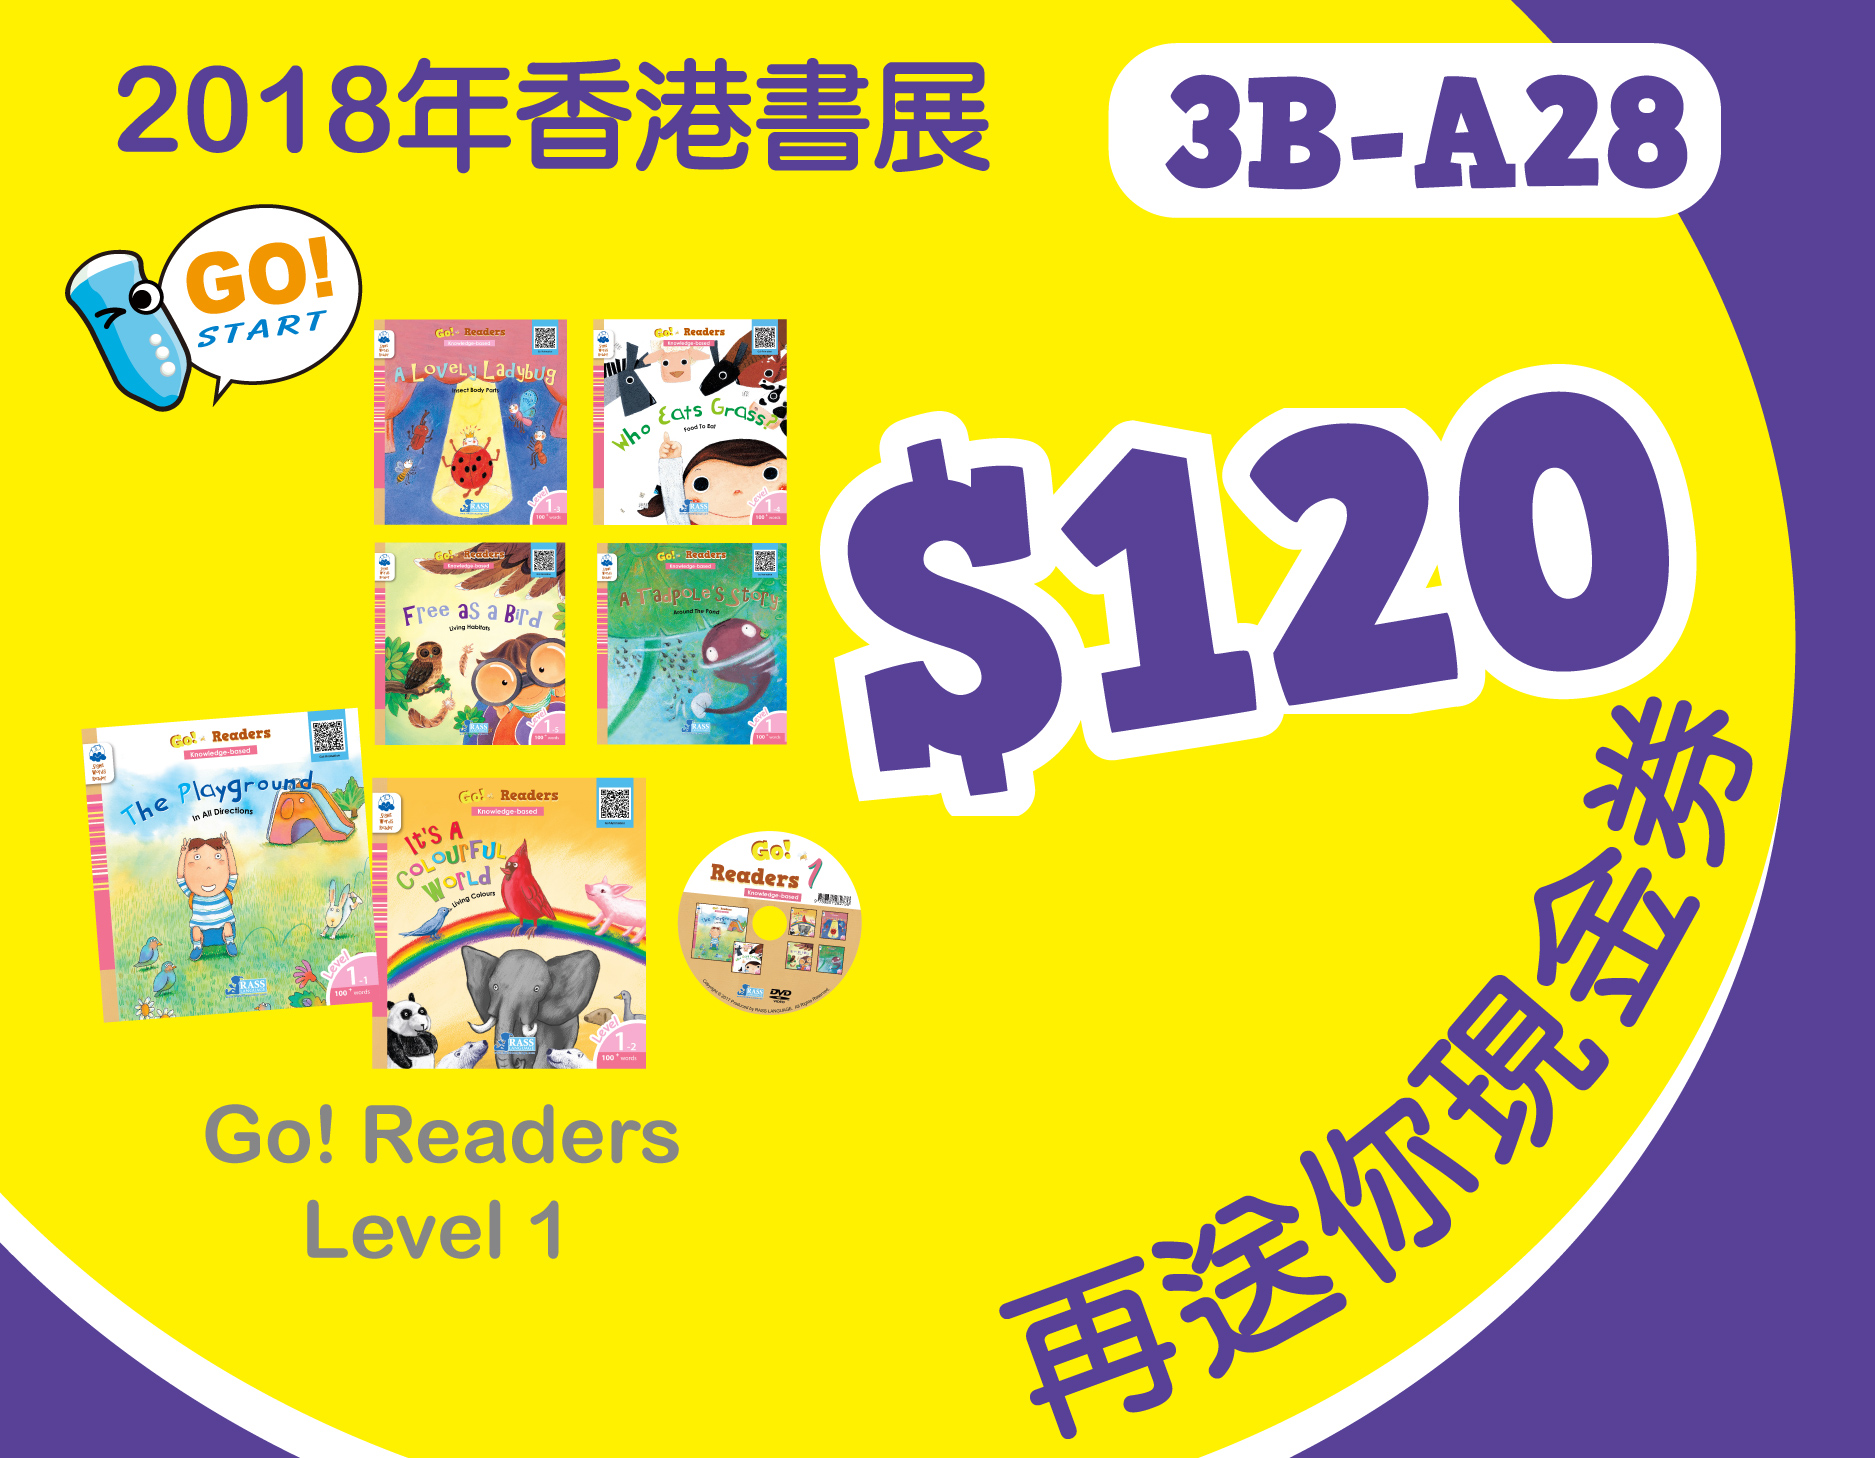 2018年 香港書展破天荒價 Go Readers Level 1 *於香港書展 RASS LANGUAGE 攤位換購*★【會場支付餘額$80 】